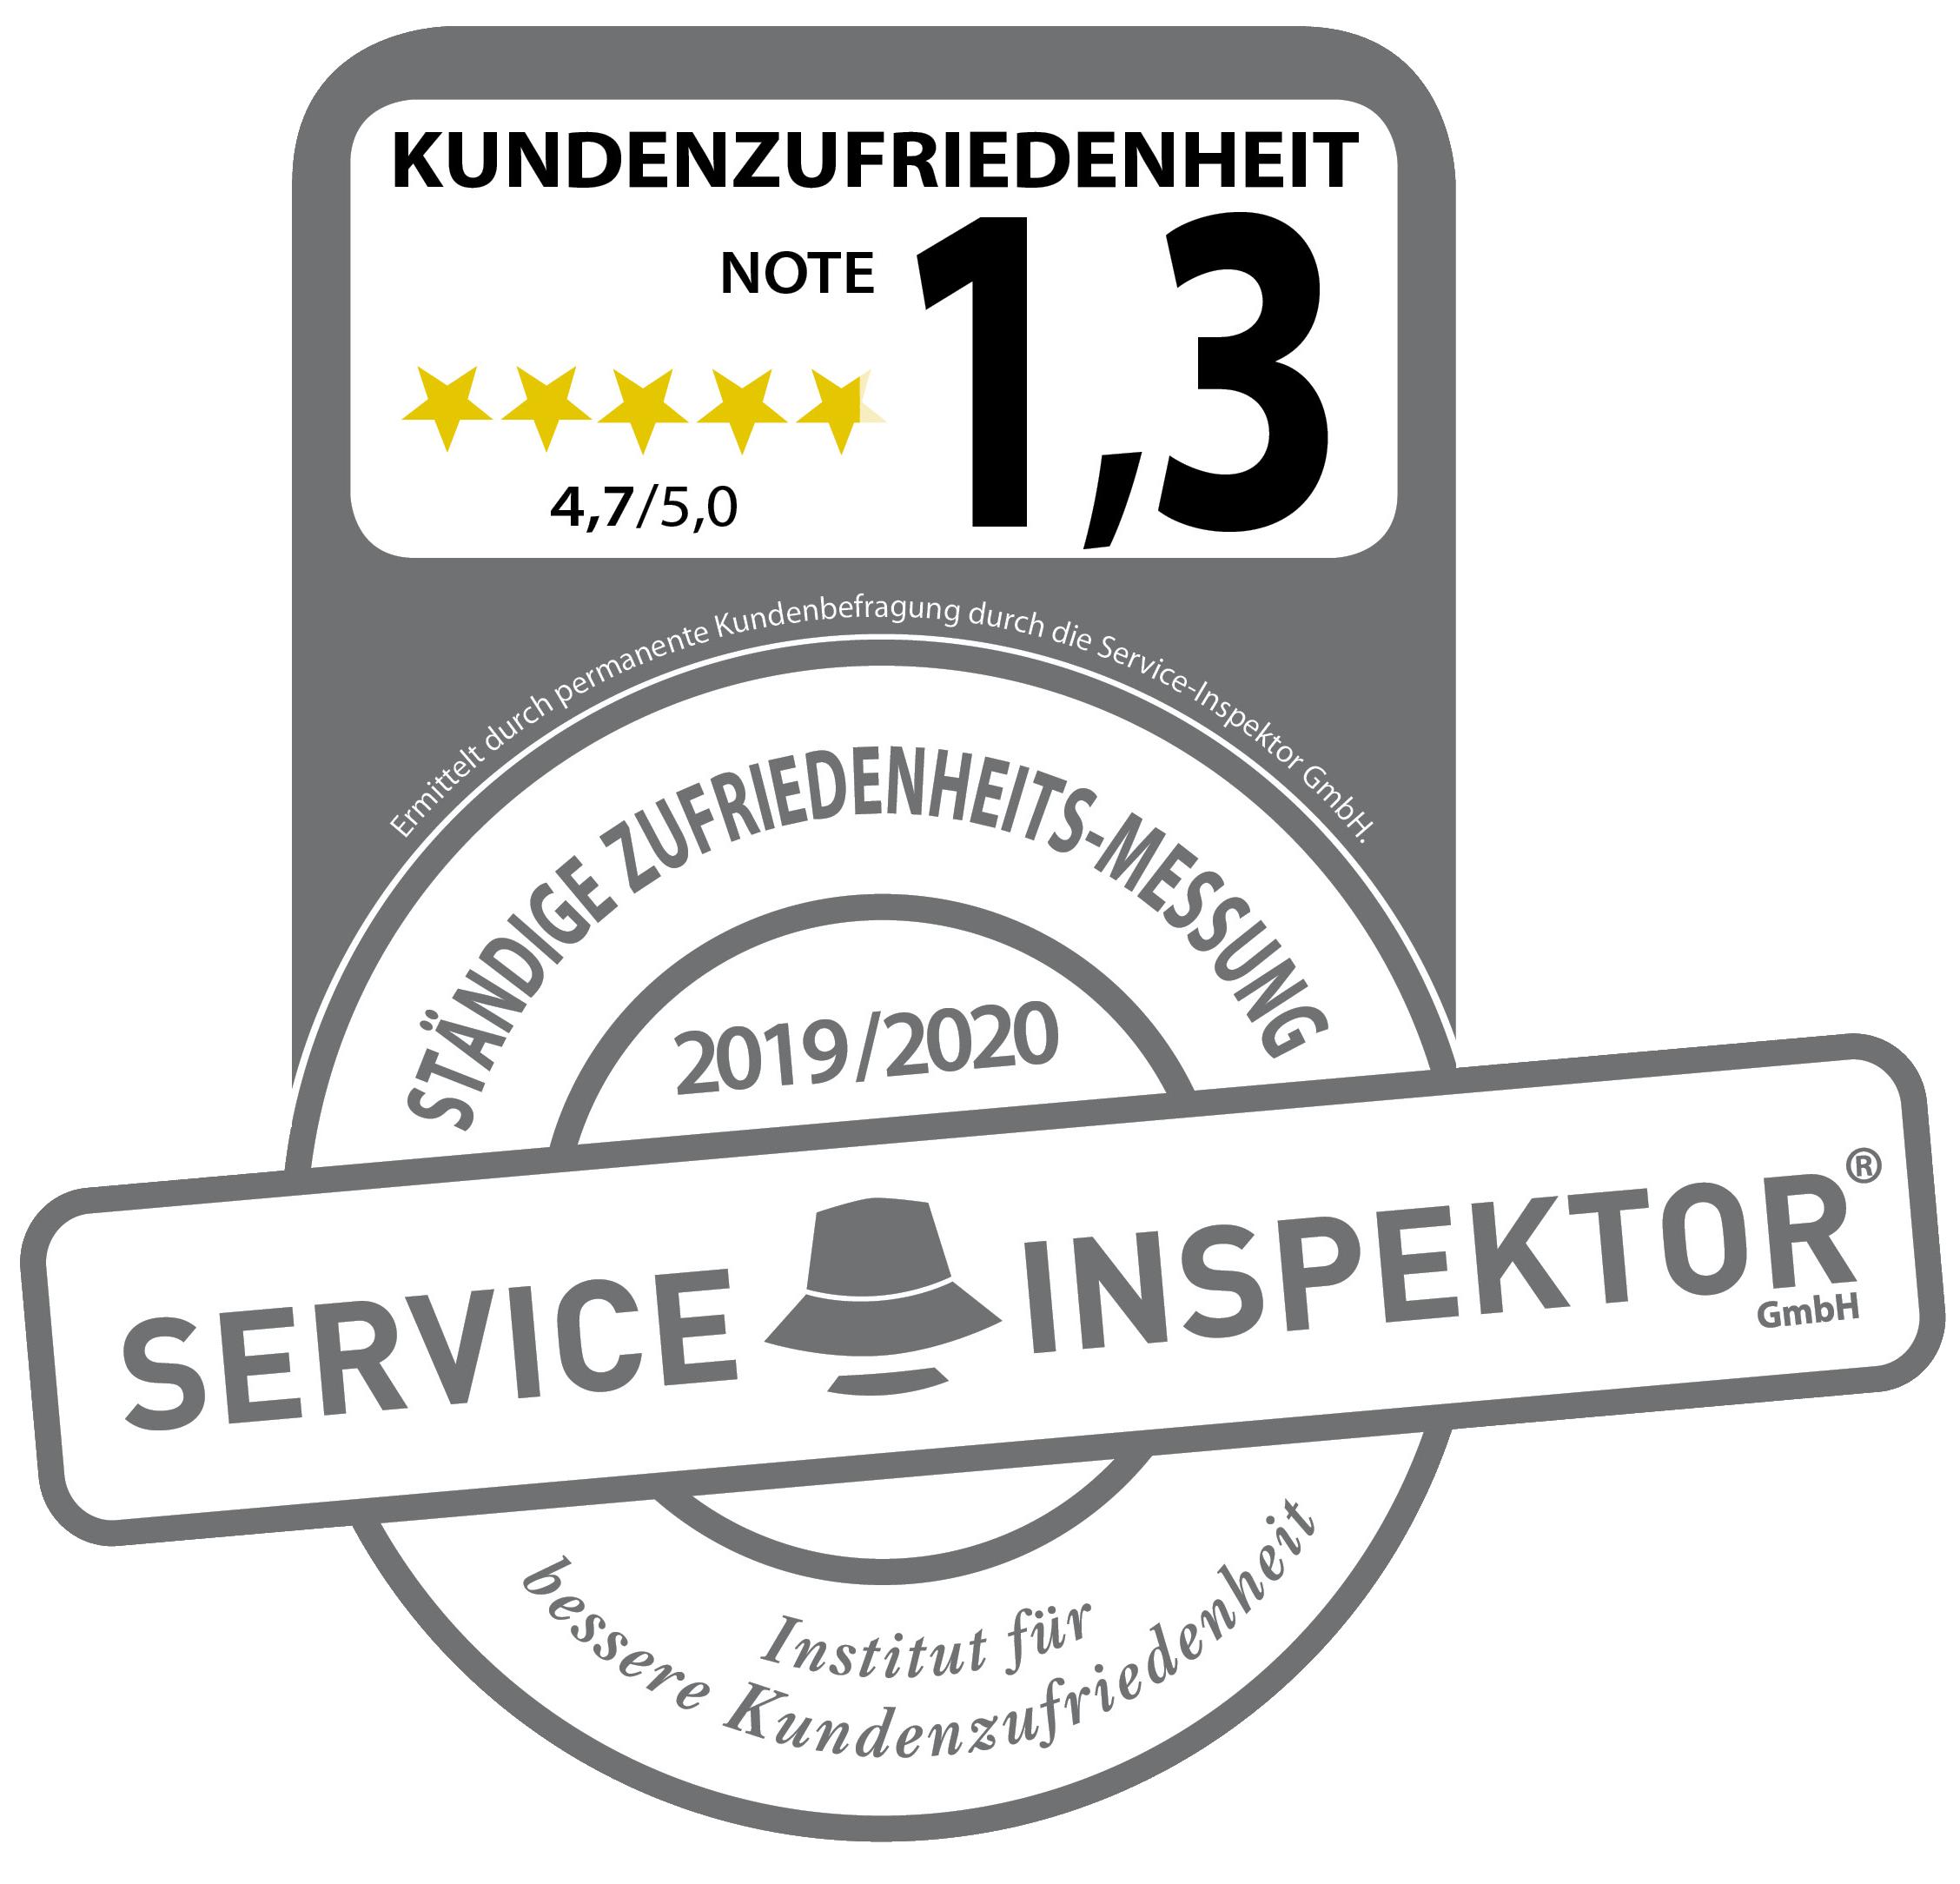 Zertifikat zur Kundenzufriedenheit